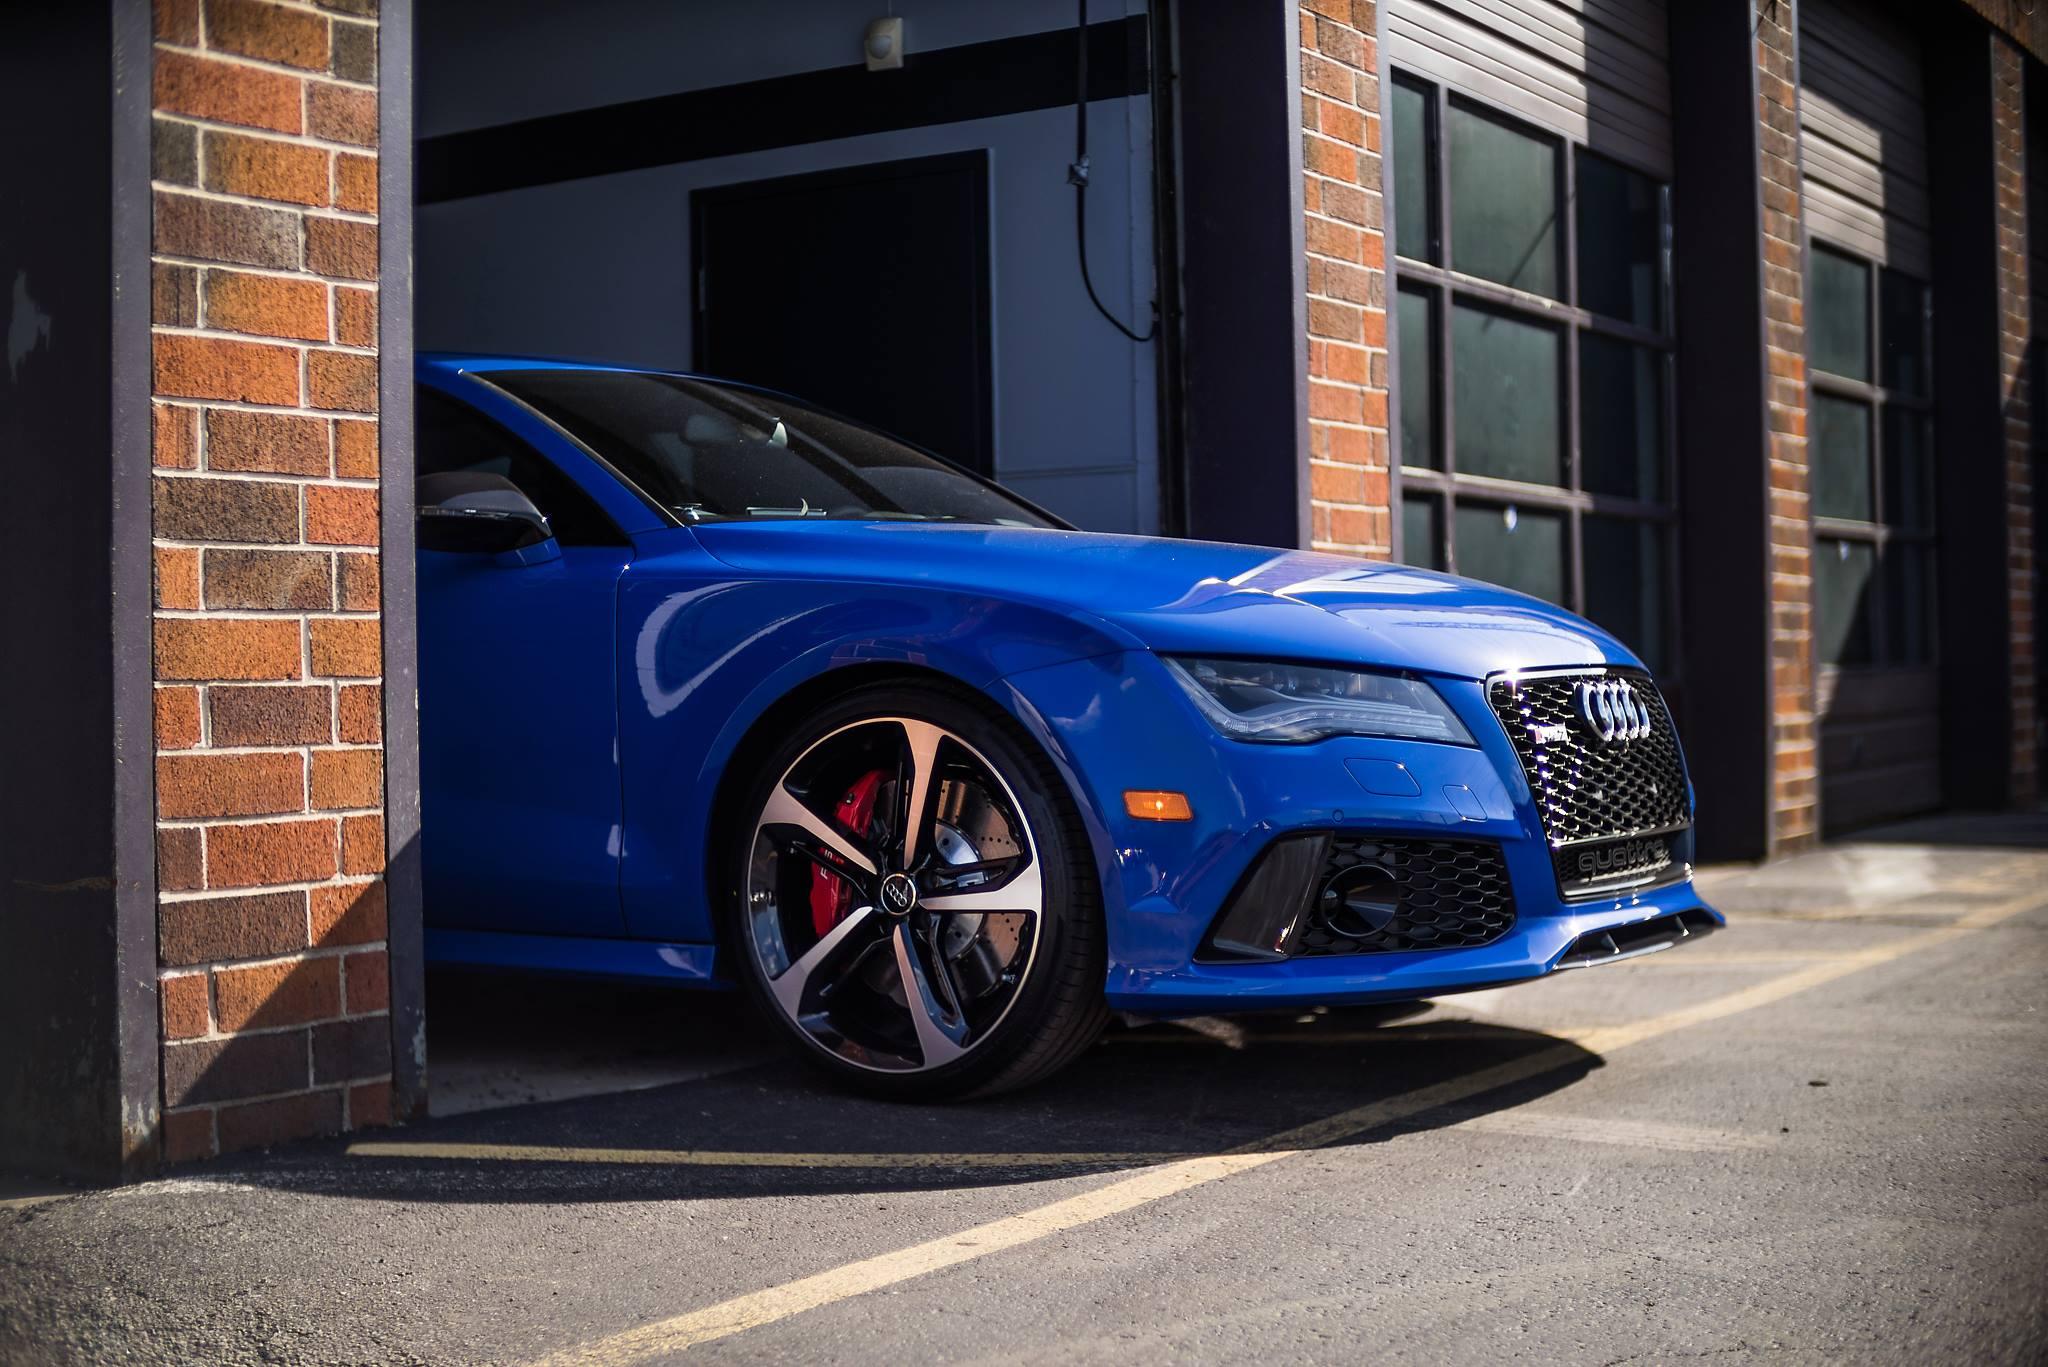 Motorcycle Car Wallpaper Audi Rs7 Triplets Nagoro Blue Estoril Blue And Sepang